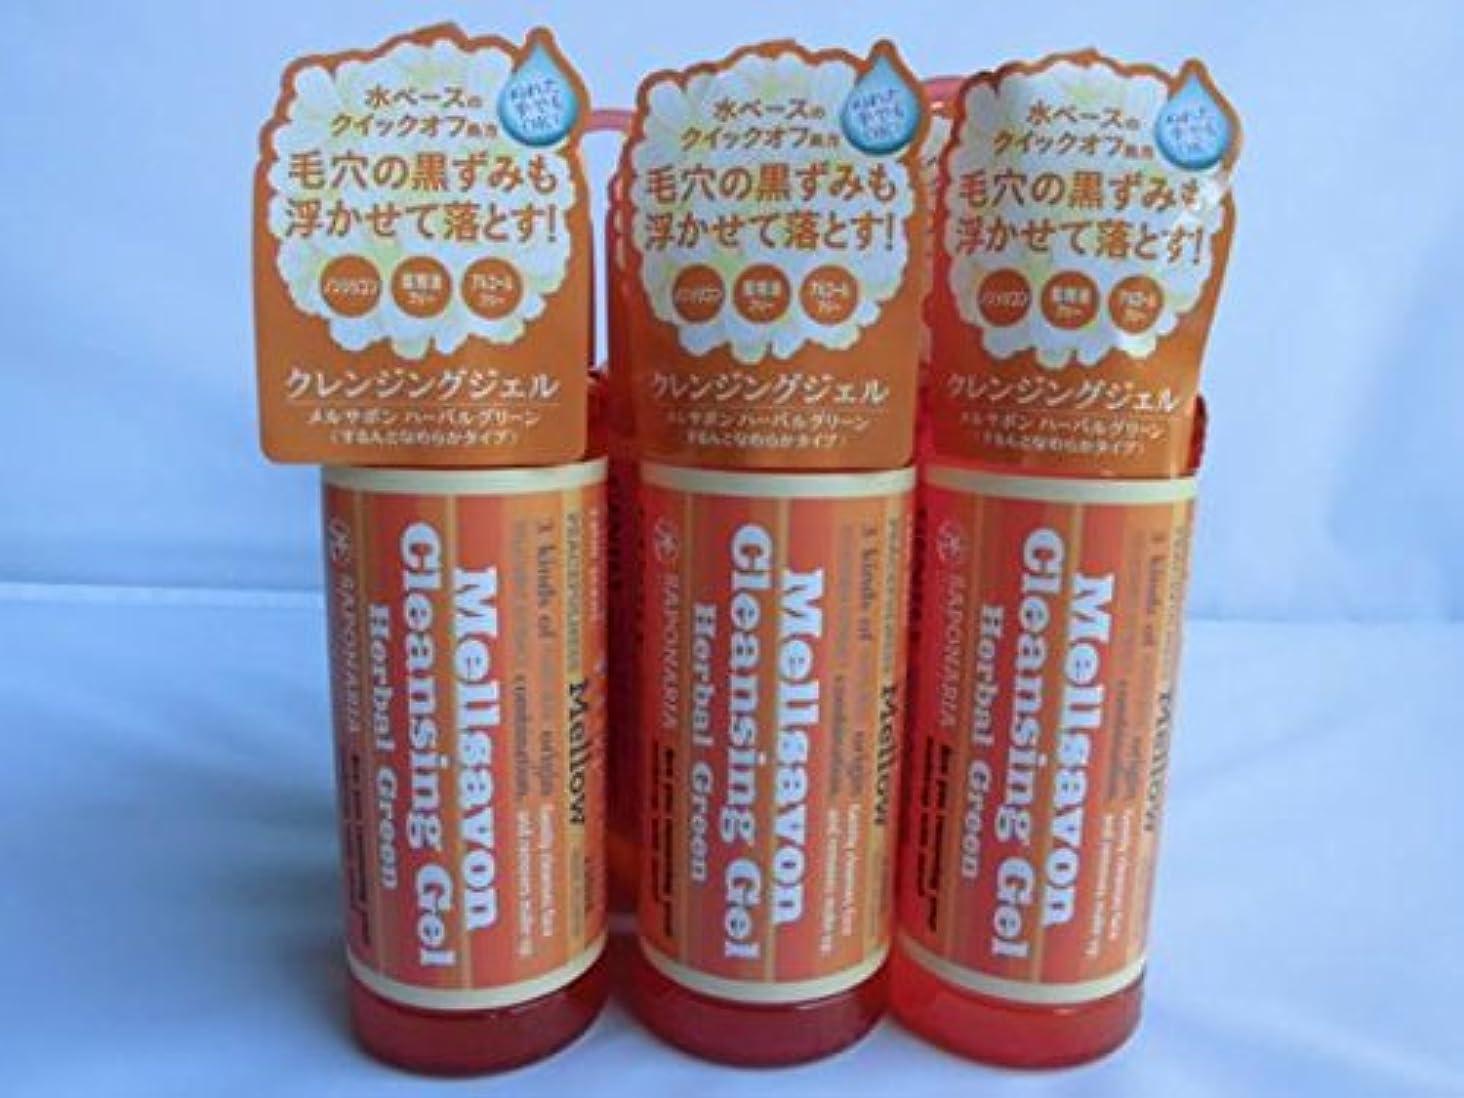 階下買うランドリー【6個セット】 [メルサボン]クレンジングジェル(ハーバルグリーン)【6個セット】